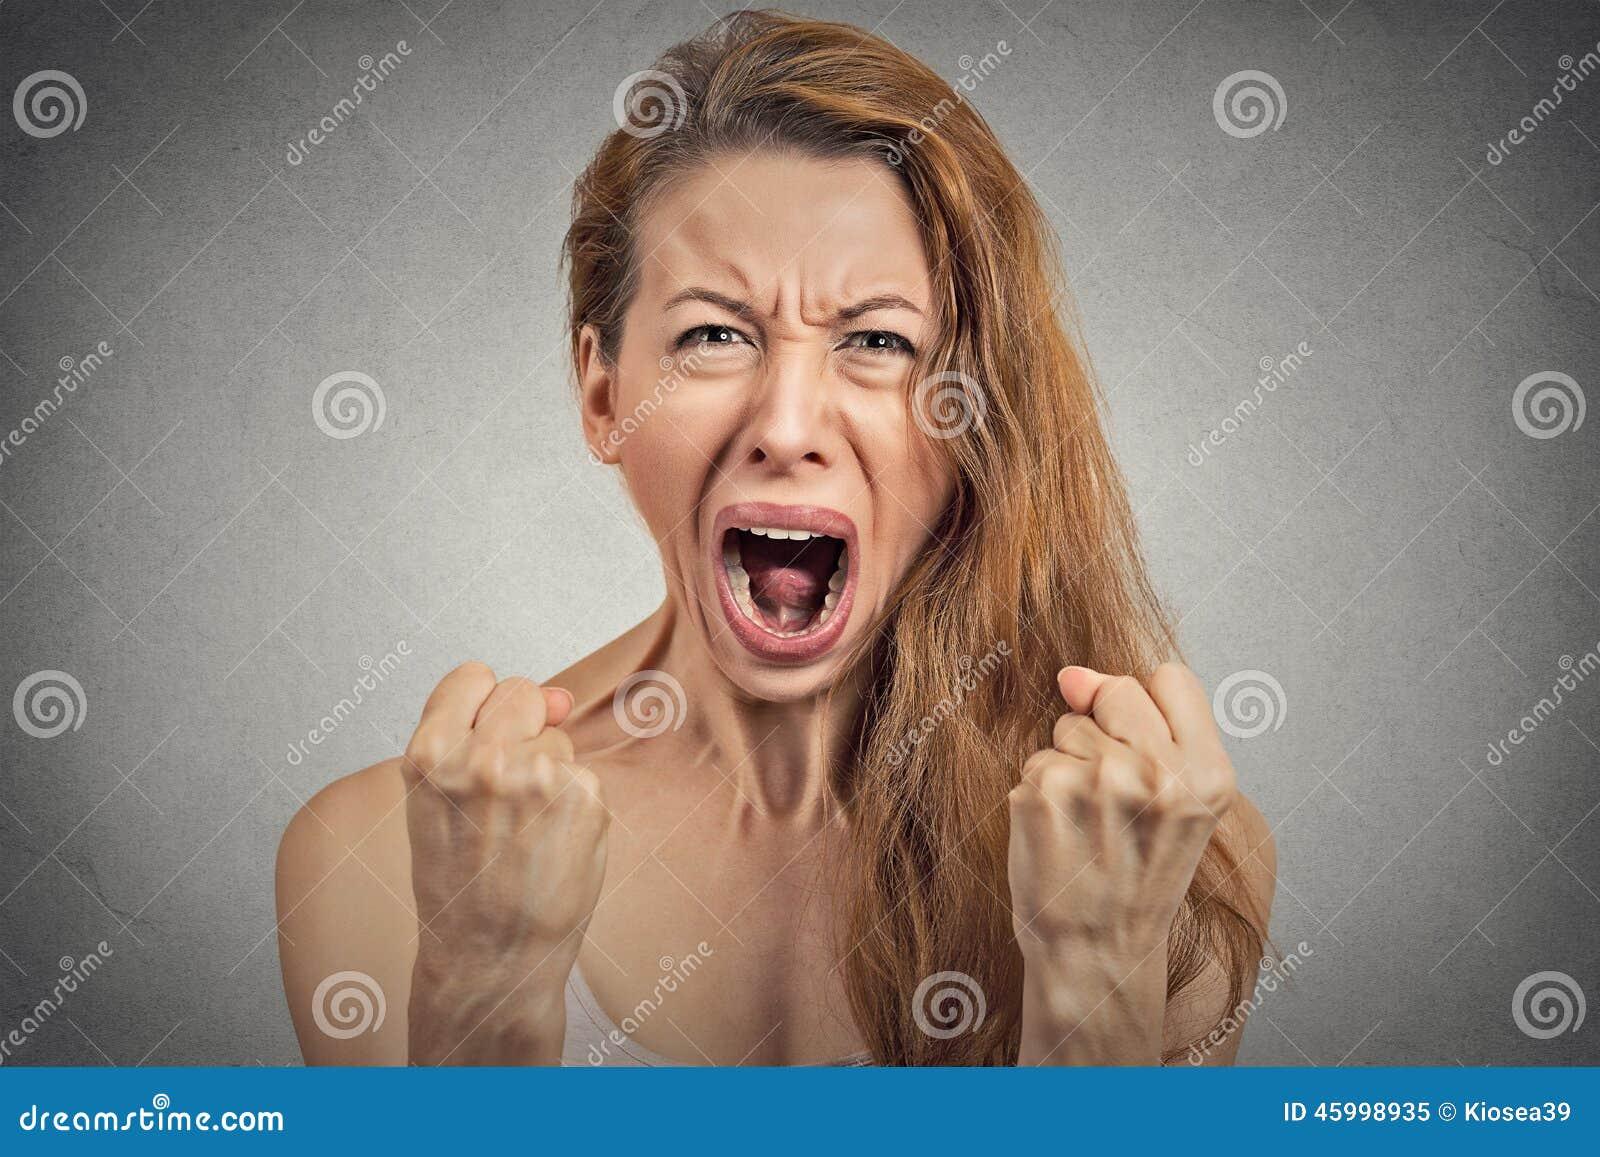 歇斯底里恼怒的少妇有神经衰弱